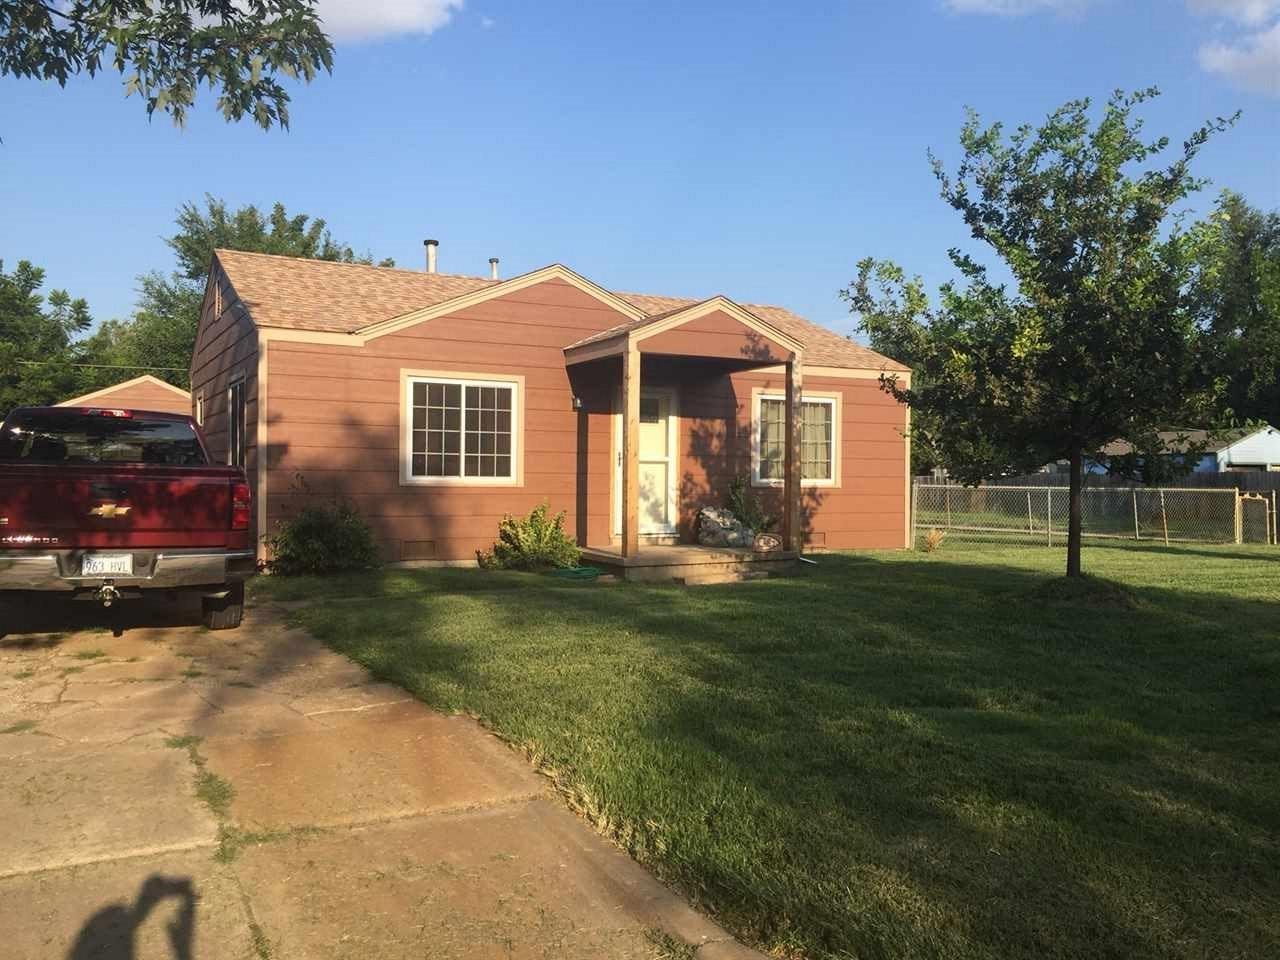 2502 N Payne, Wichita, KS 67204